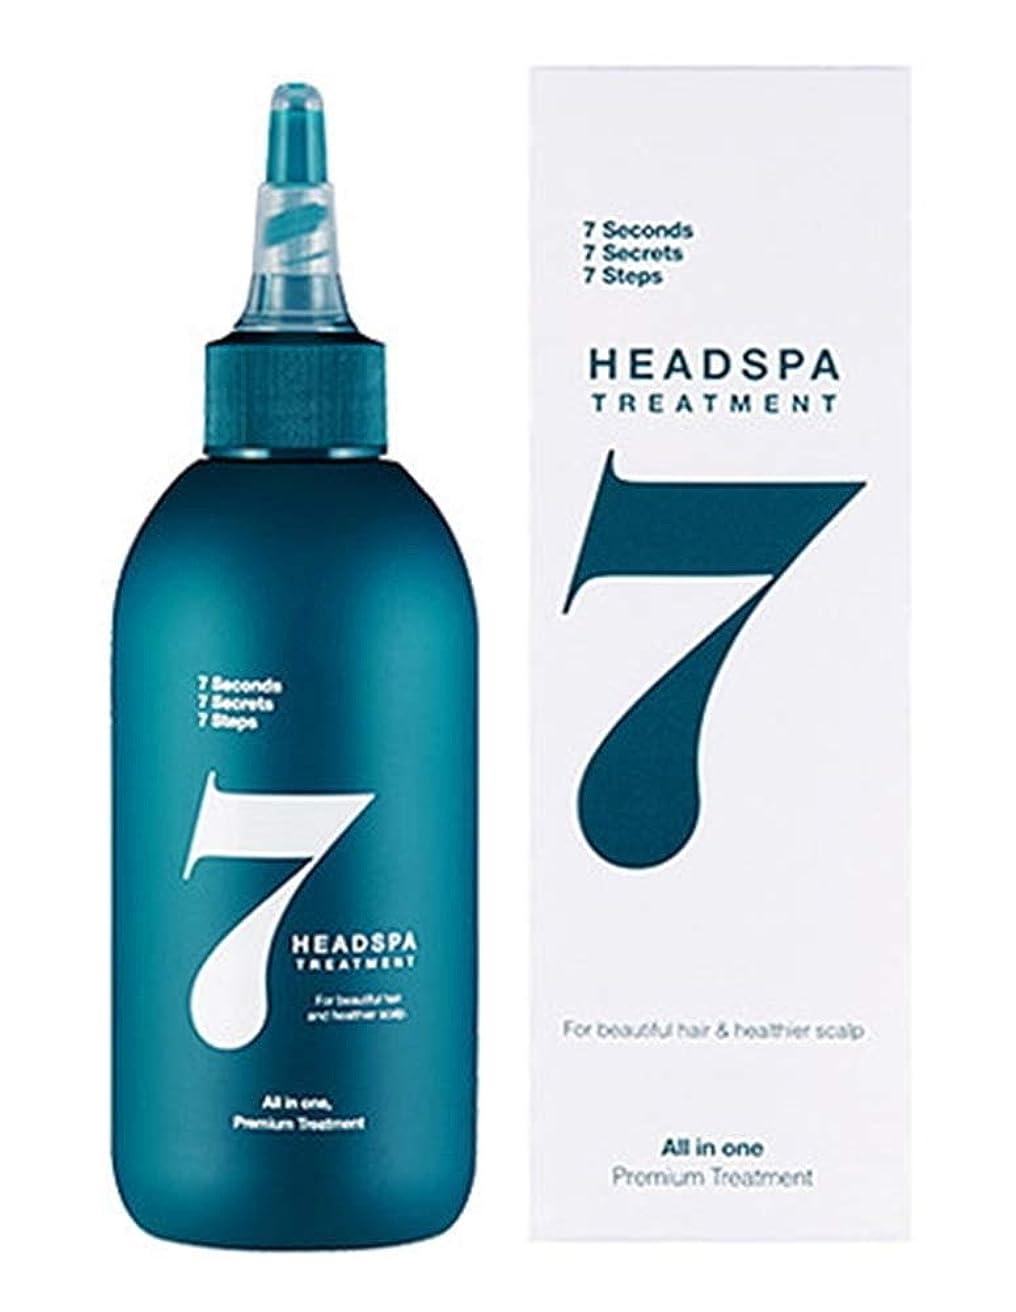 近似製油所交換Head Spa 7 treatment 200ml (脱毛トリートメント)